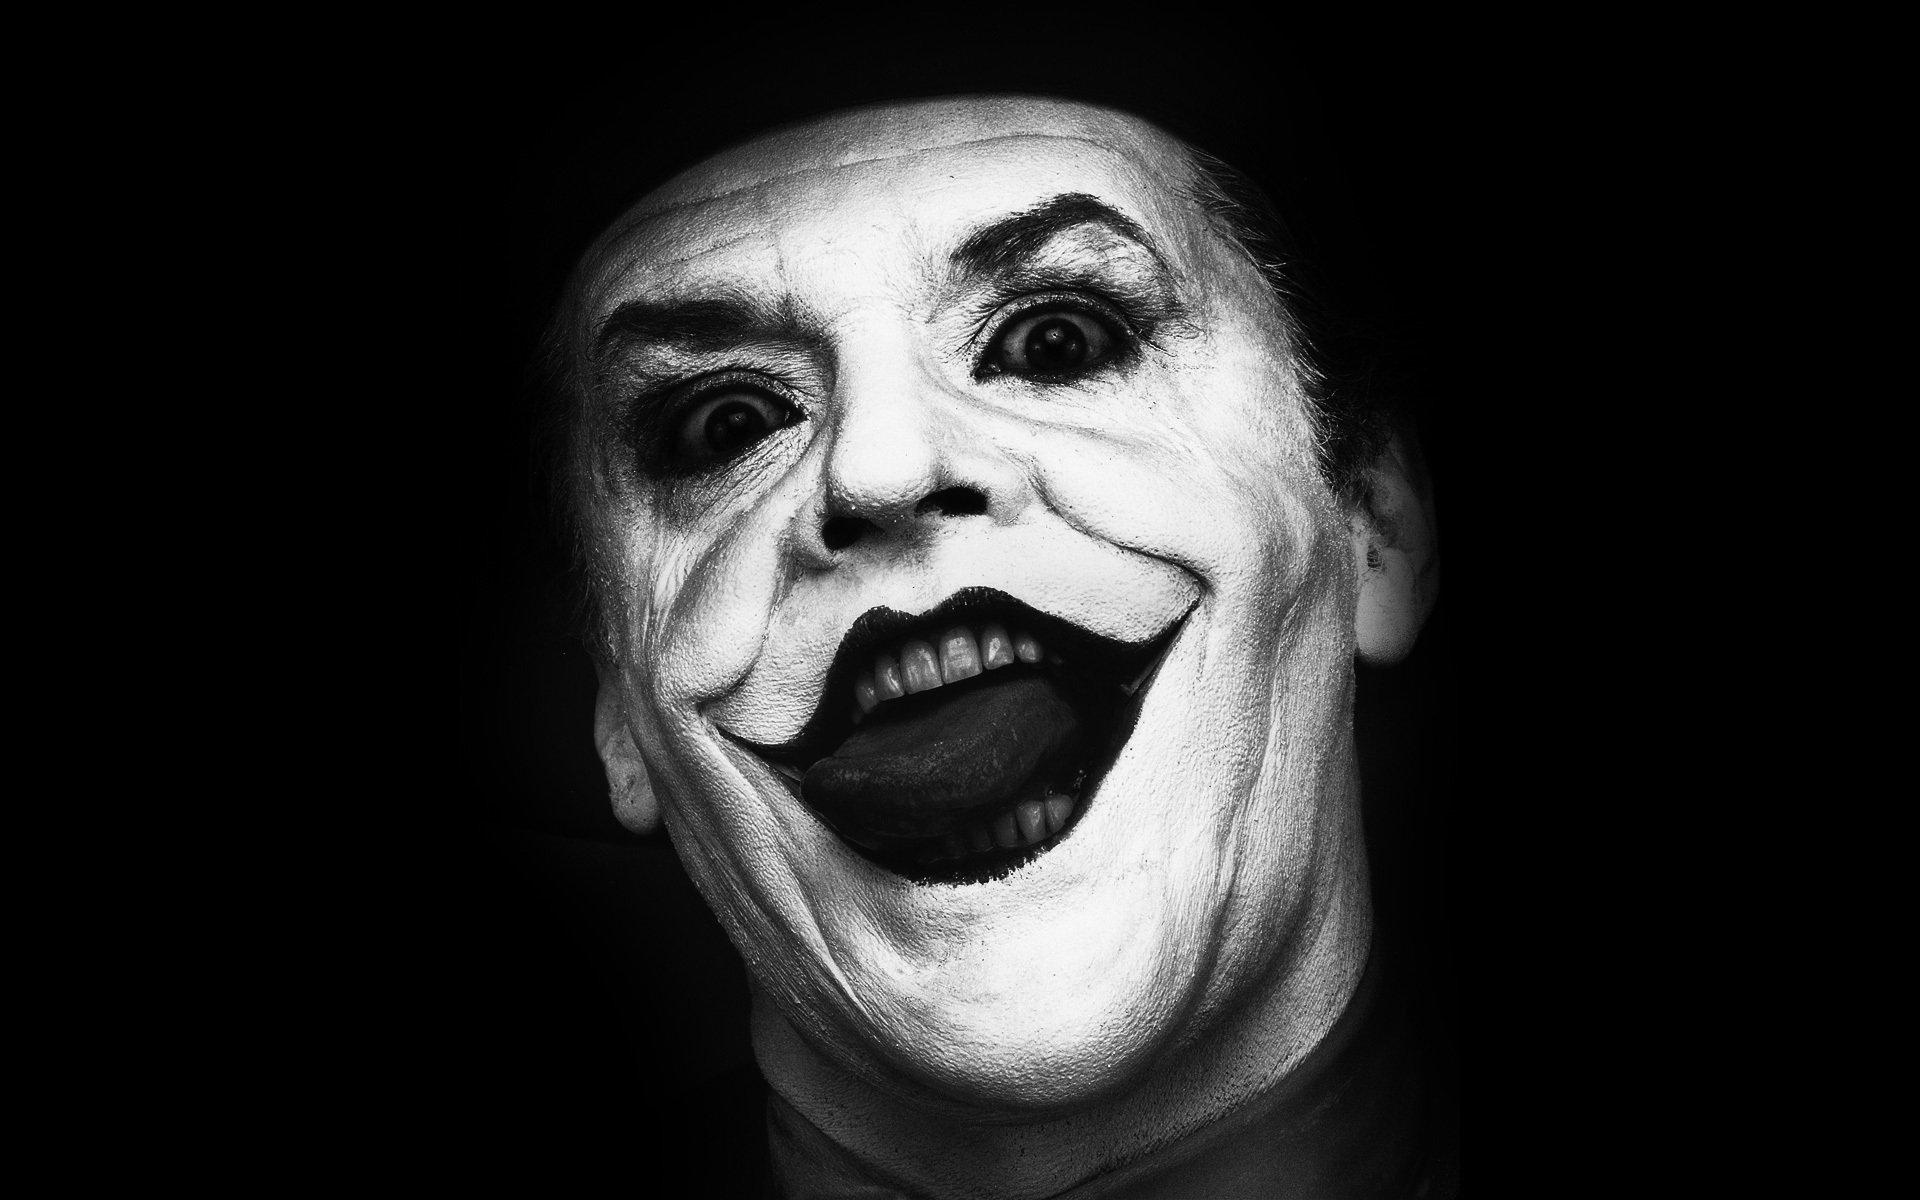 Джокер черный картинка